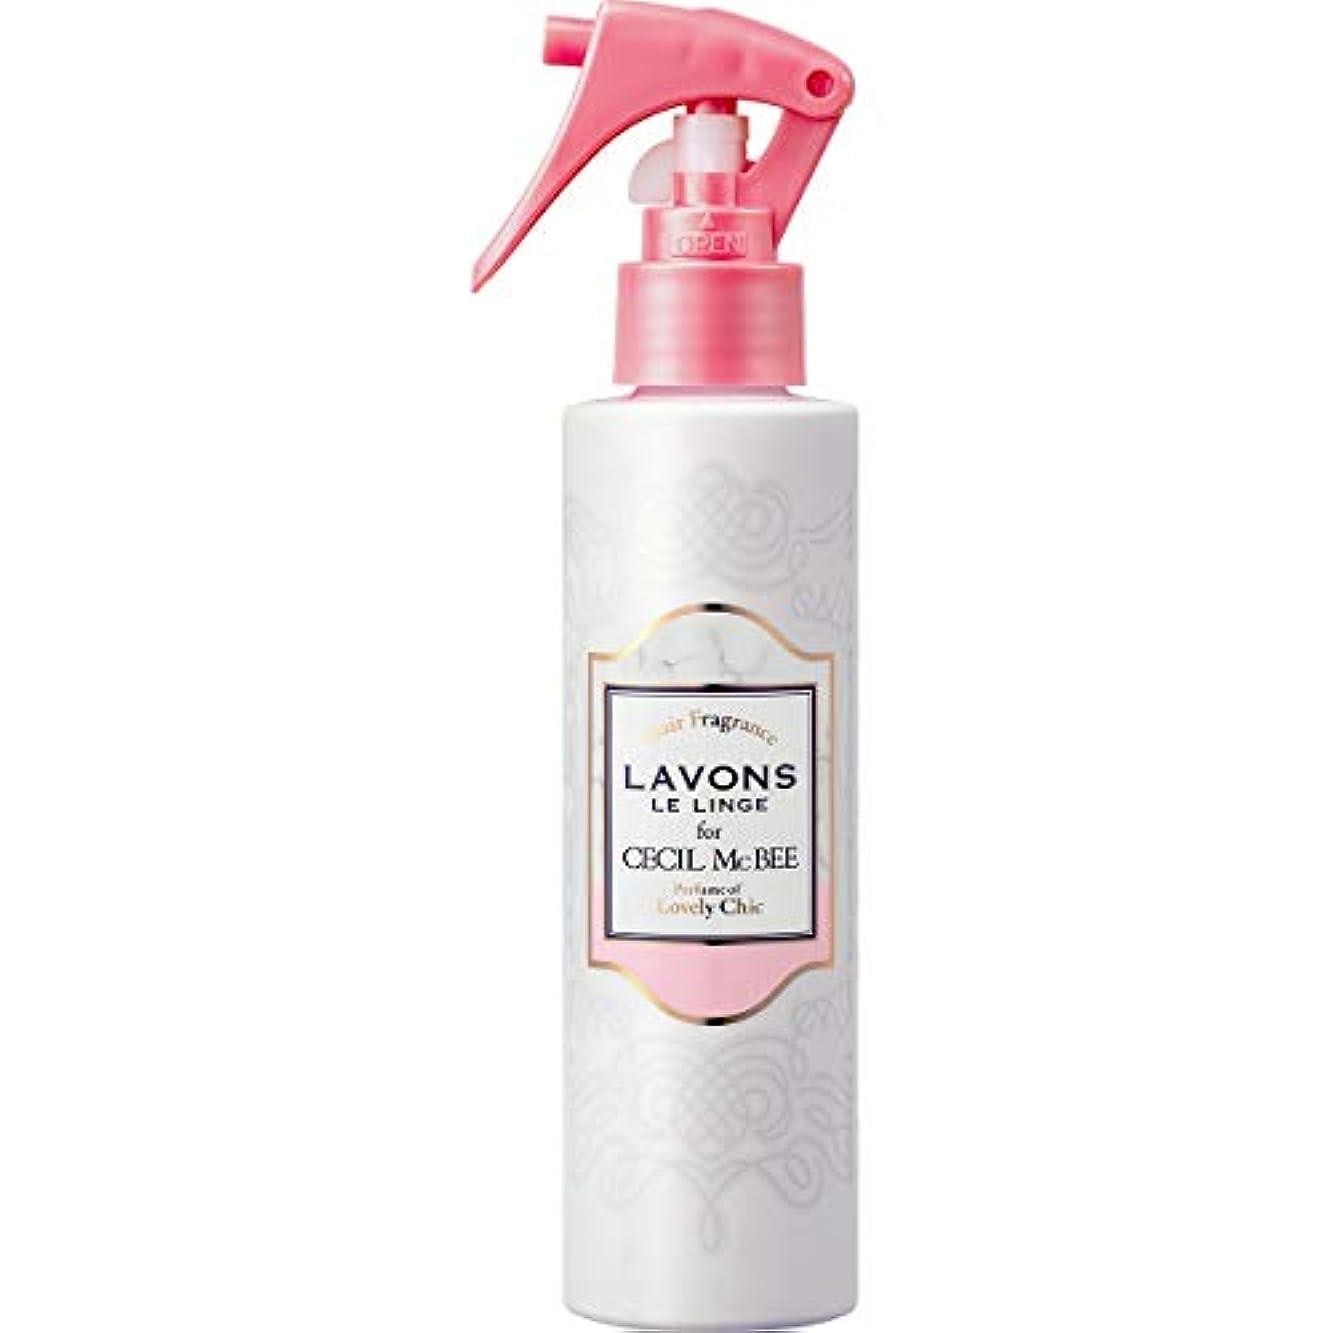 気質予想外幸福ラボン for CECIL McBEE ヘアフレグランスミスト ラブリーシックの香り 150ml